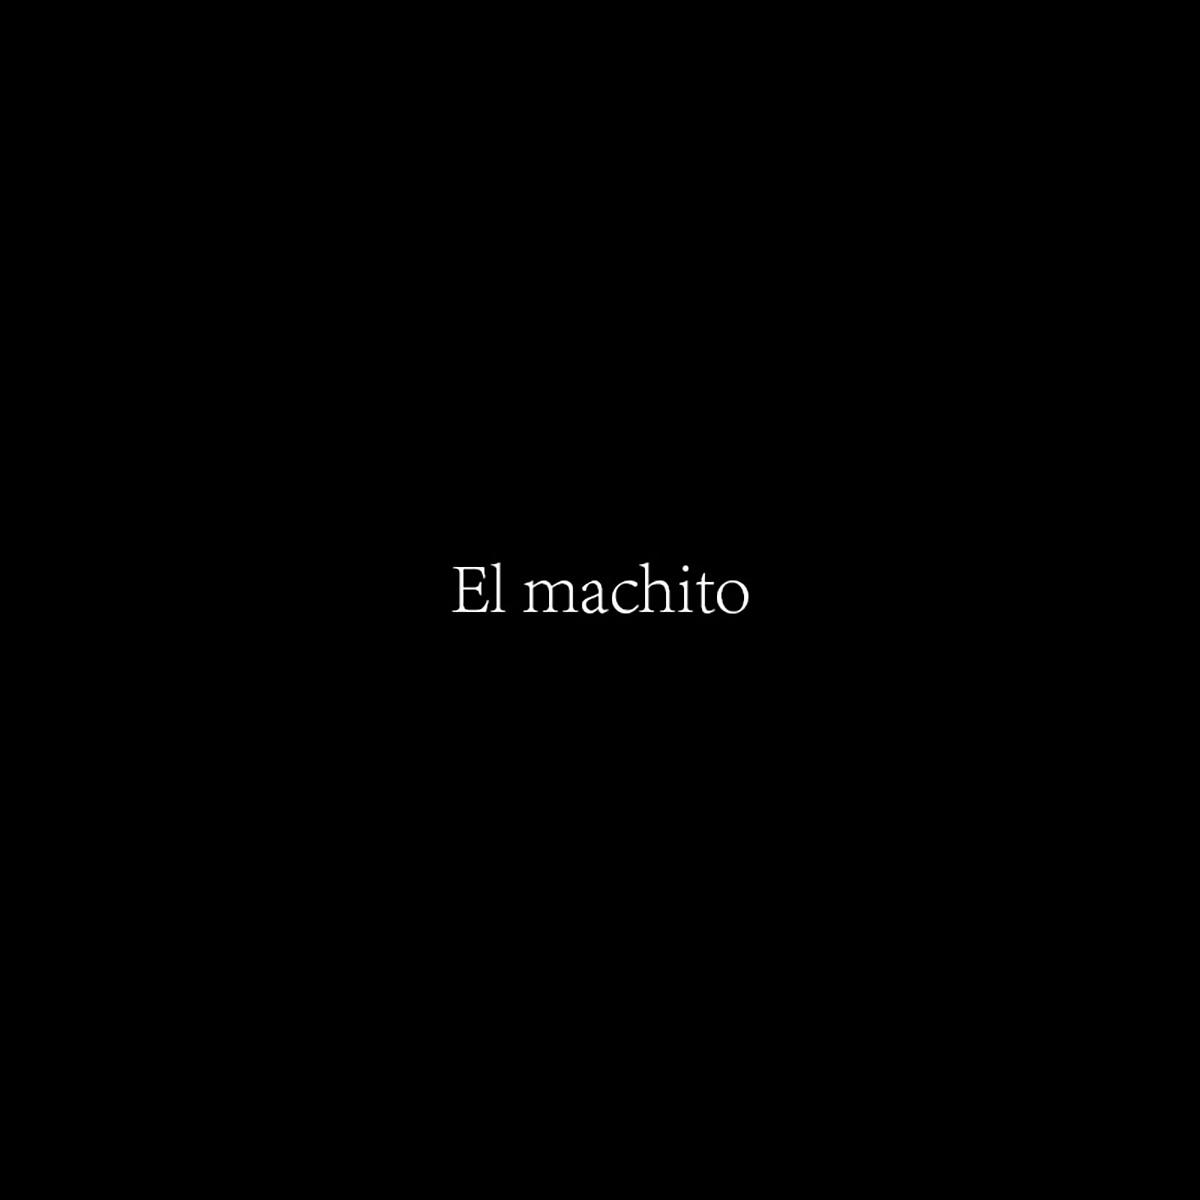 El machito – Daniel René Verdugo Ríos